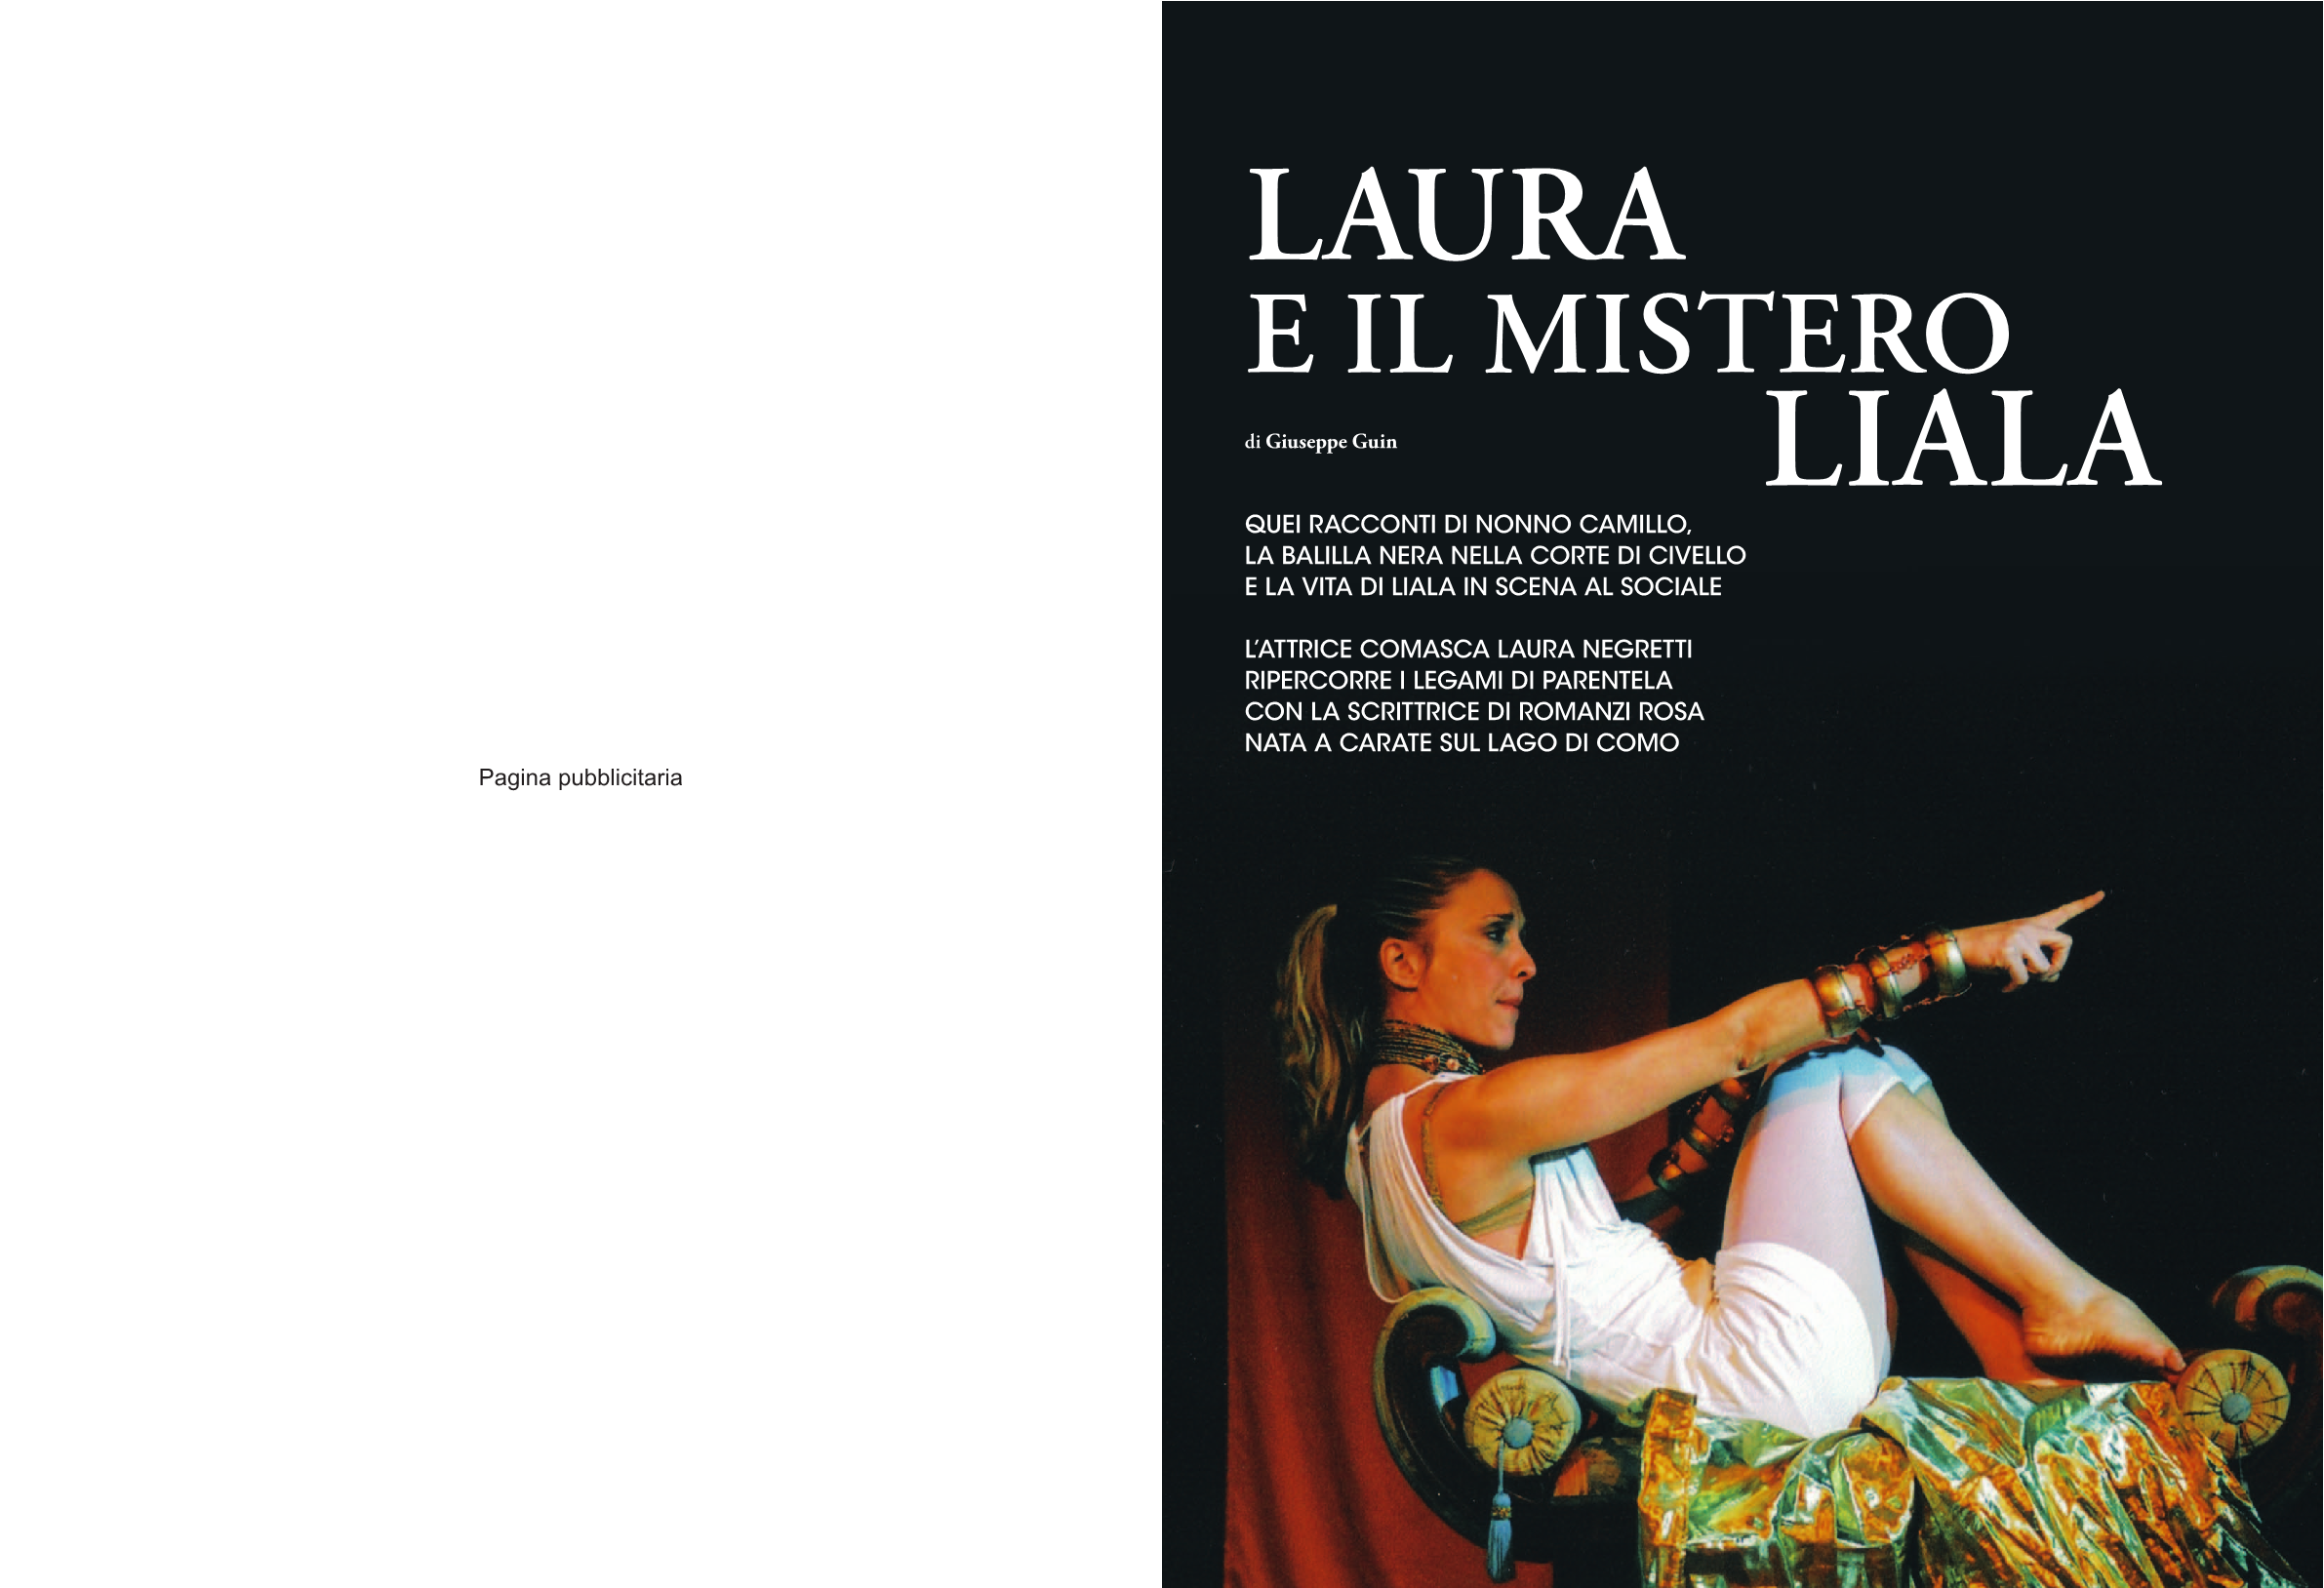 MAG Luglio 2012  Laura e il mistero Liala